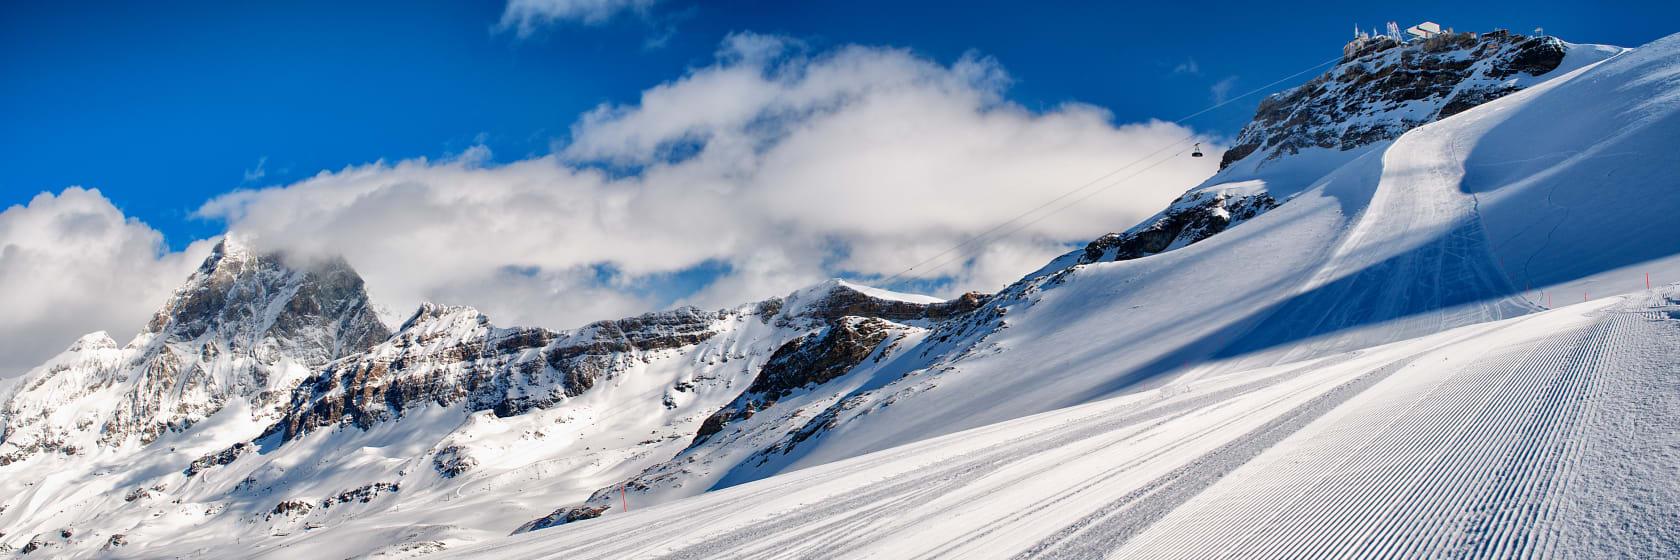 Smukt snelandskab i bjerge med blå himmel og enkelte skyer i La Rosière i Frankrig